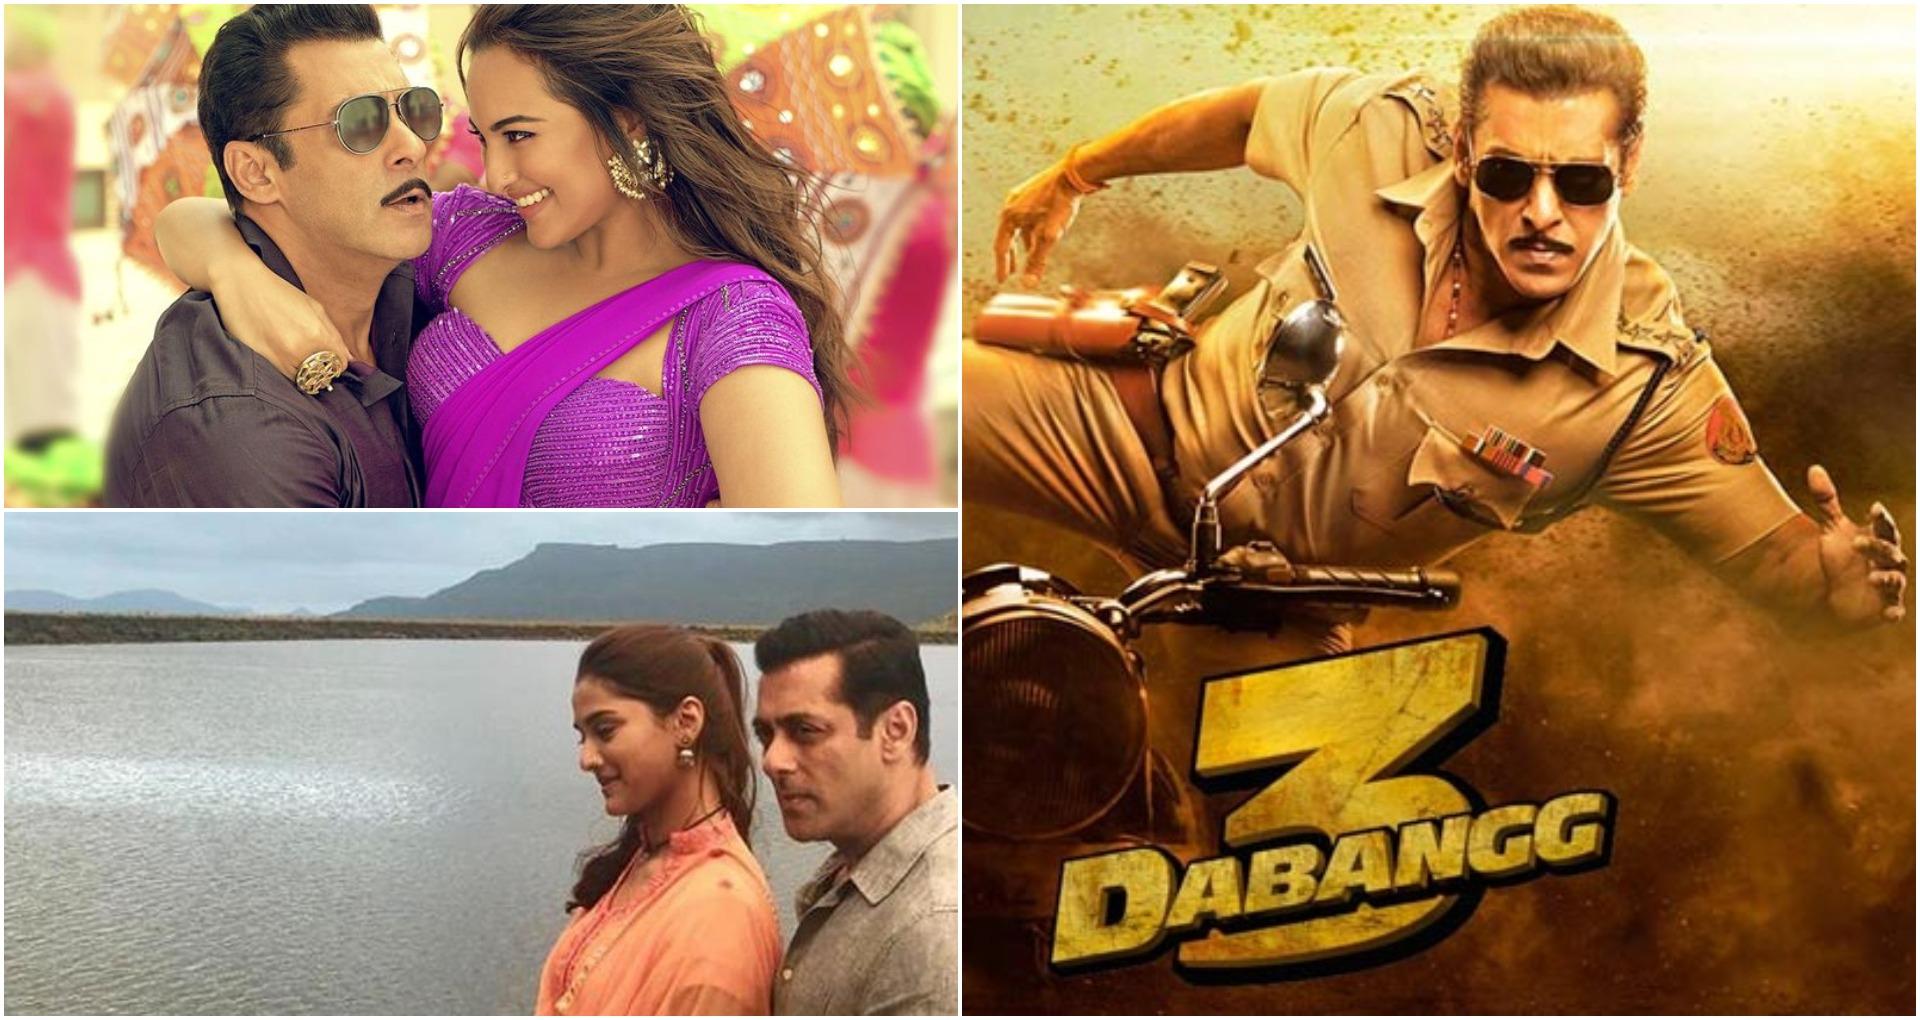 Dabangg 3 Movie Review: सलमान खान की मूवी में एक्शन, रोमांस और ड्रामा है, लेकिन दबंग की छाप नहीं छोड़ पाई